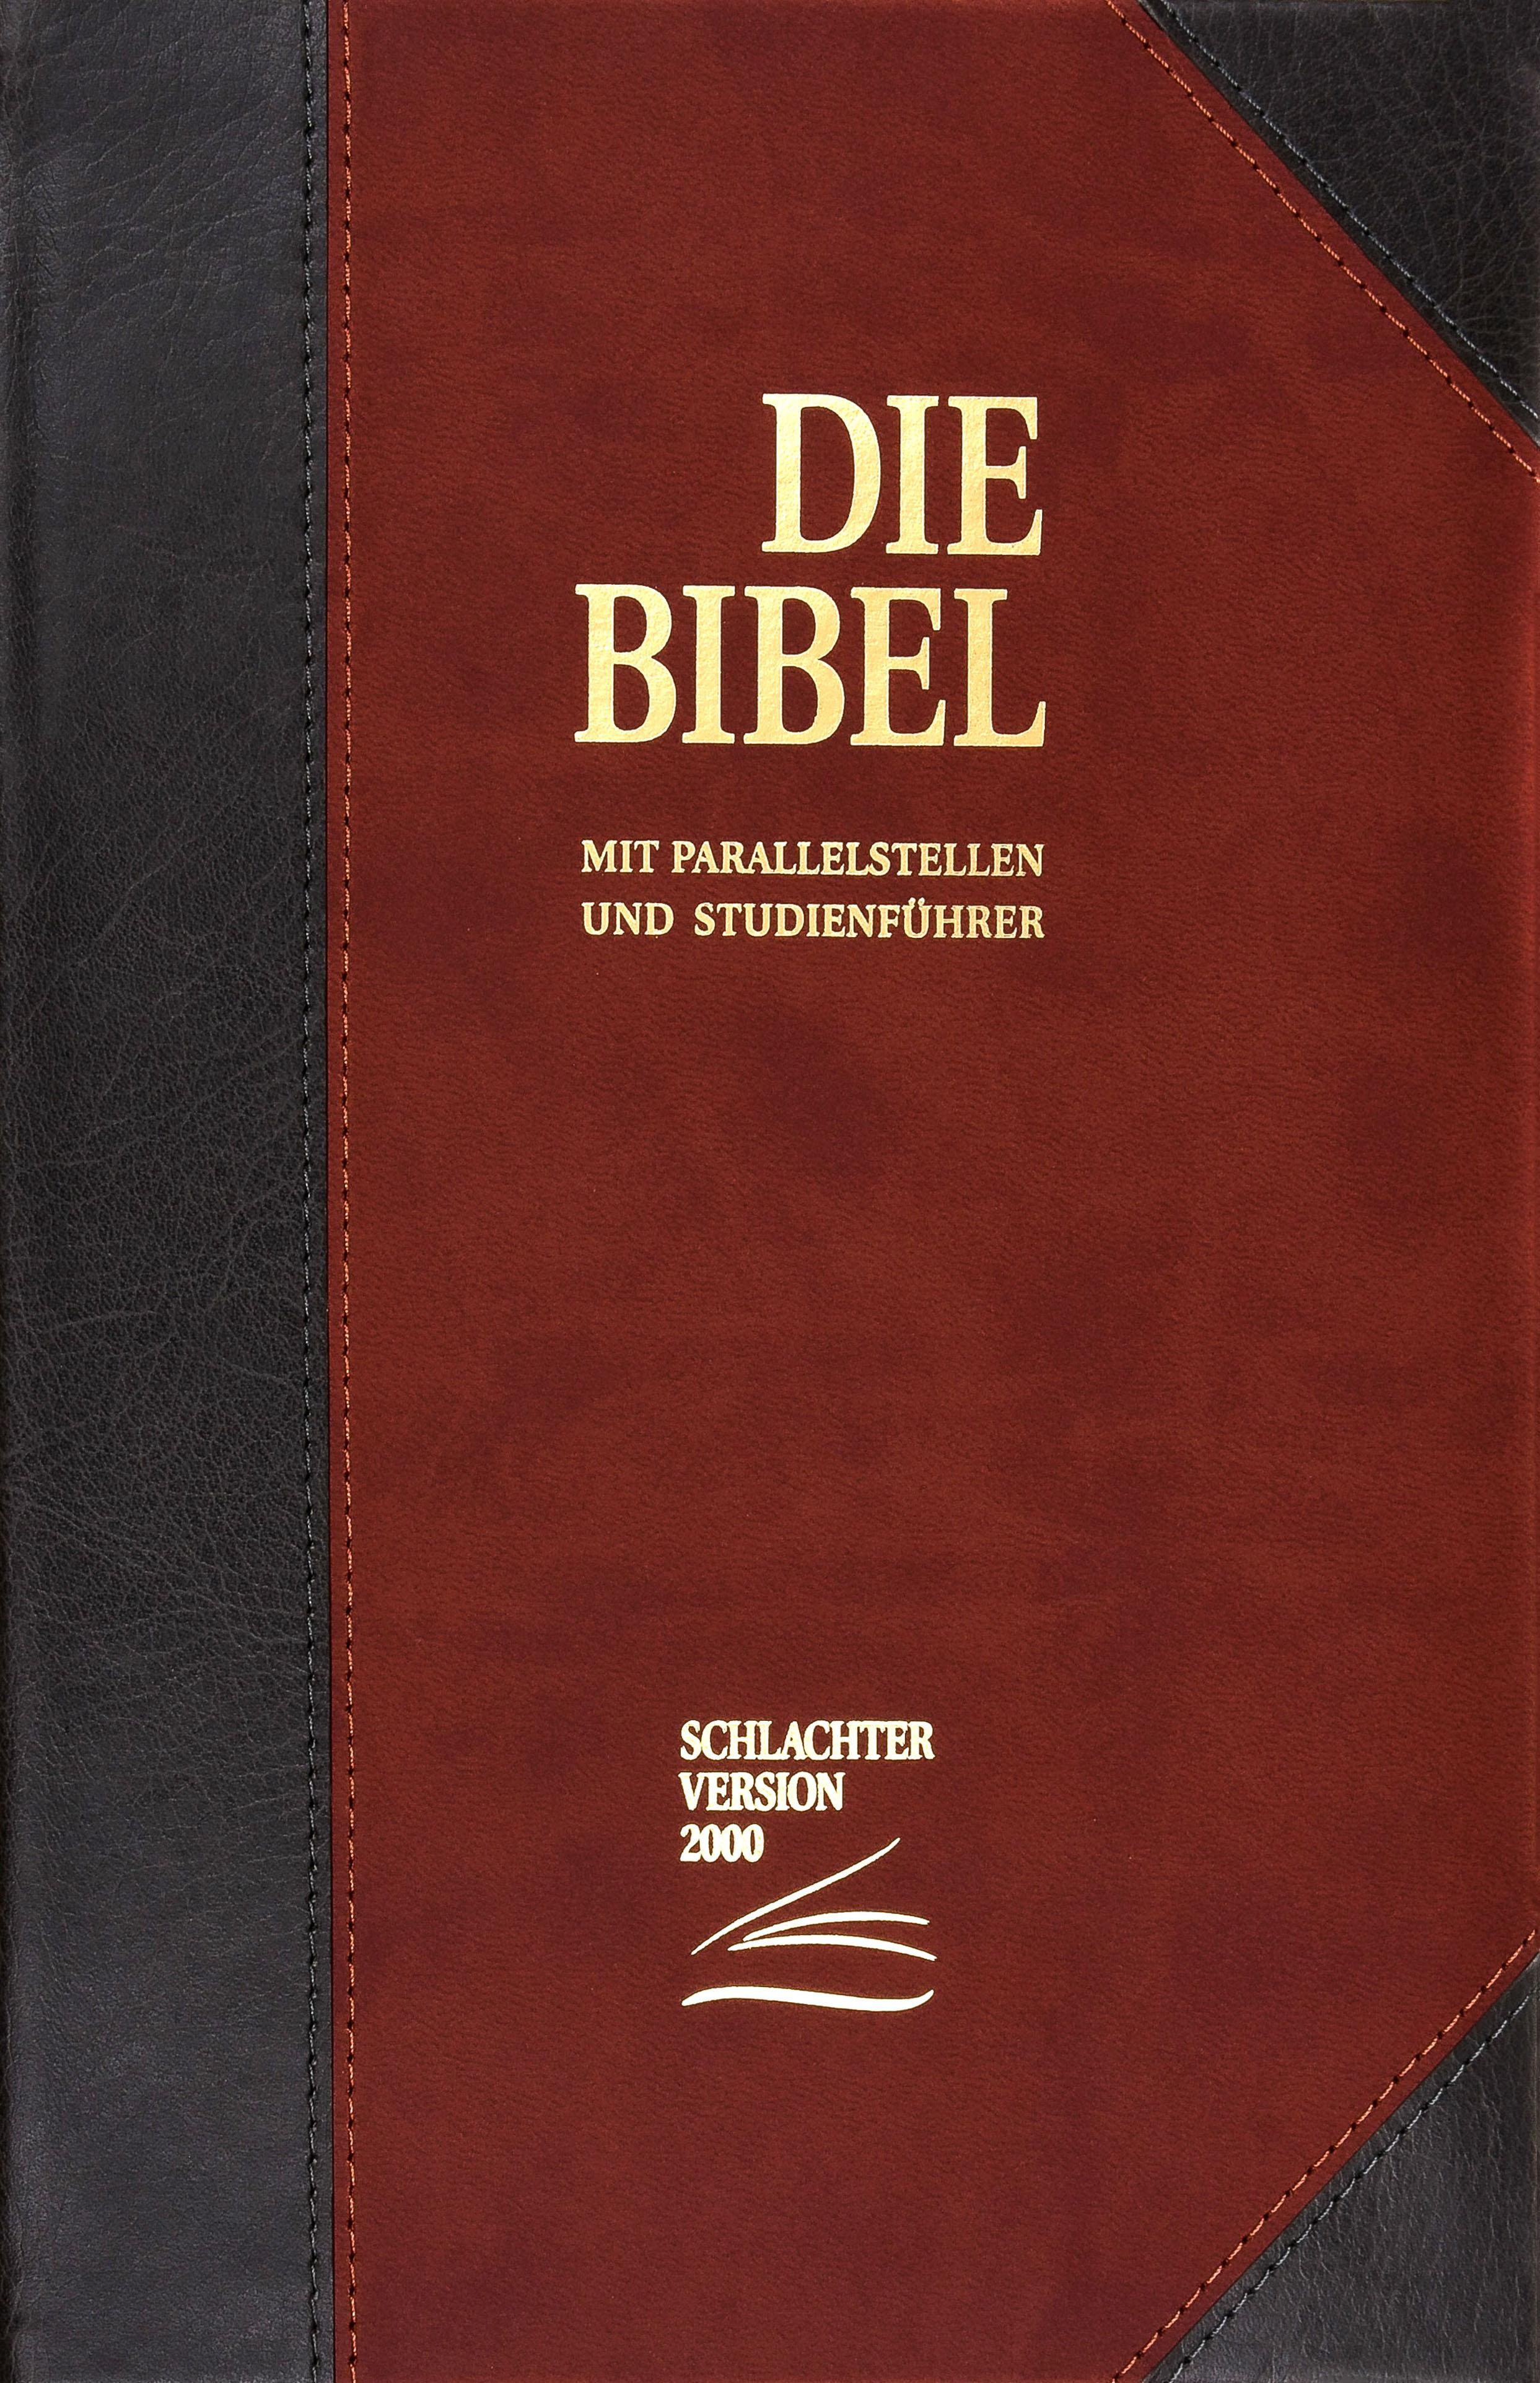 clv_schlachter-2000-standardausgabe-pu-einband-grau-braun_255025_4